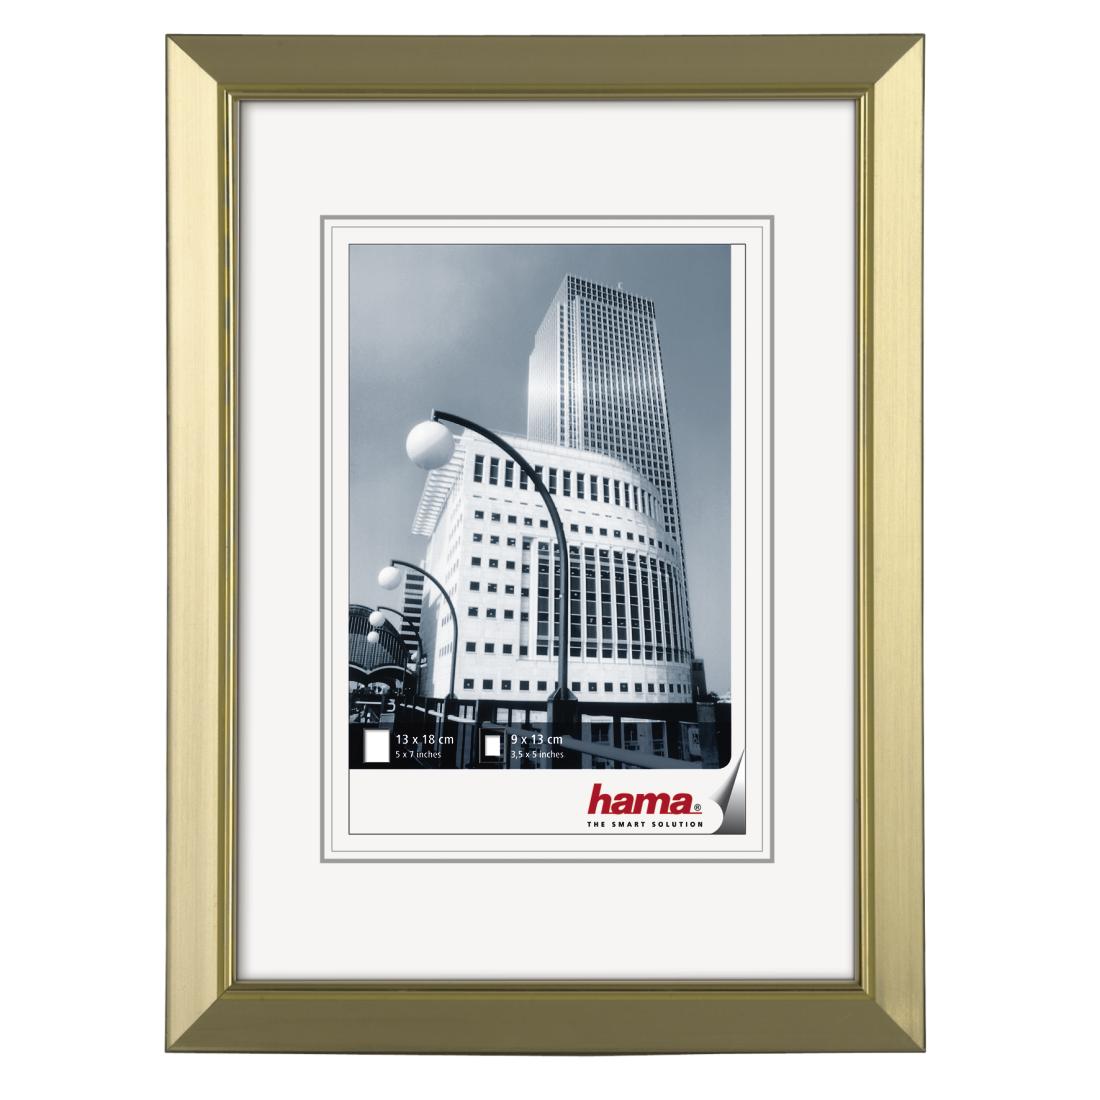 00058873 Hama Valencia Plastic Frame Gold 13 X 18 Cm Hama De